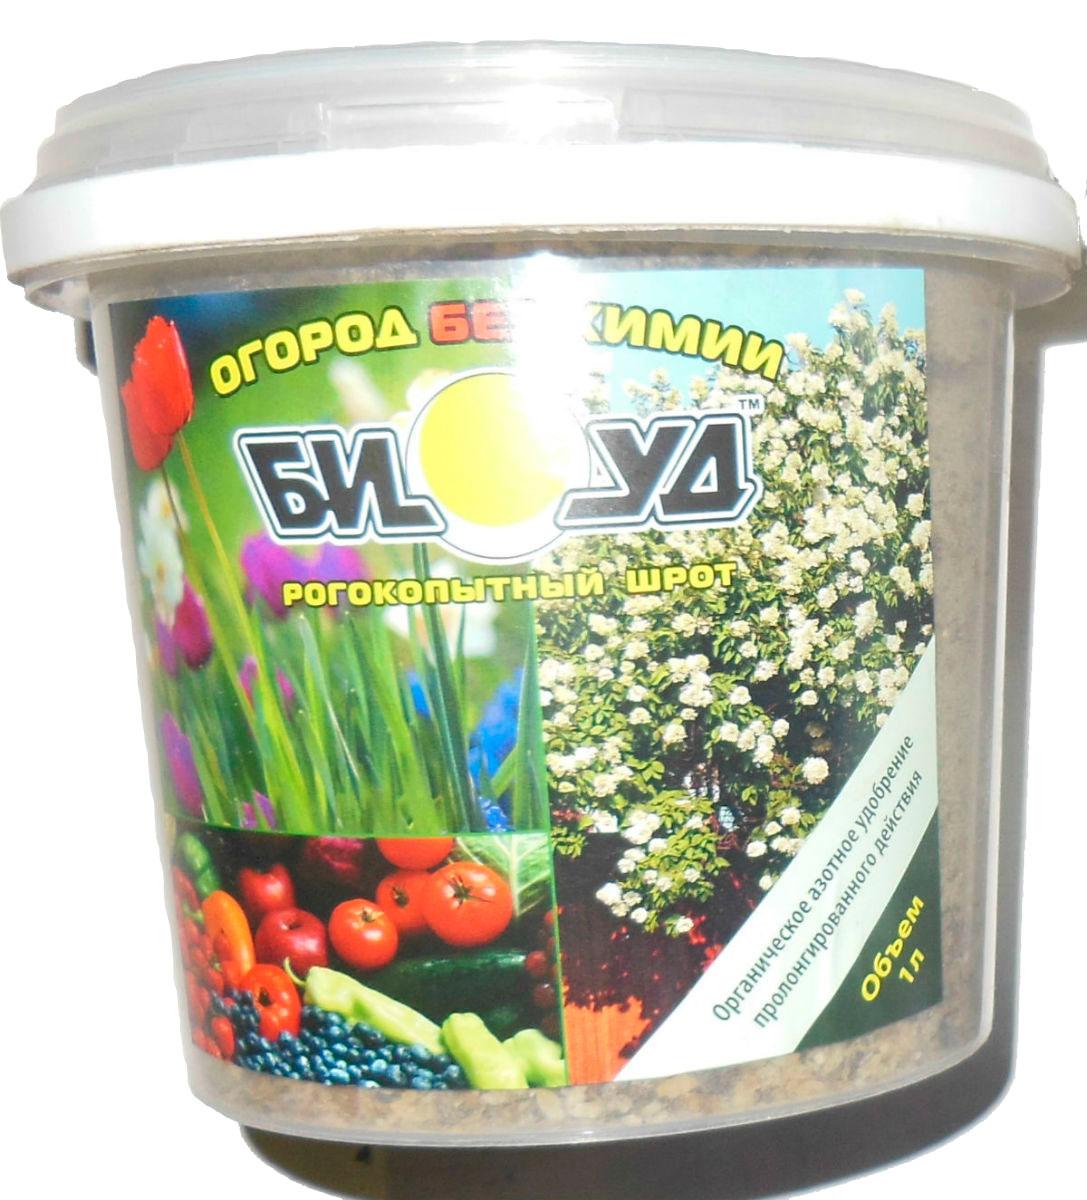 Pого-копытный шрот БИУД, 1 л8711969023932Рогокопытный шрот (РКШ) - кератин ТУ 2671- 001- 24322501-2004Органическое азотно-калийное удобрение, предназначенное для выращивания рассады всех видов овощных культур, а также цветочных и декоративных растений, плодово-ягодных, хвойных и лиственных культур в условиях слабокислой или нейтральной среды. Удобрение РКШ (кератин) -сыпучий продукт без комков с влажностью не более 10-12%. Цвет от серого до темно-коричневого. РКШ БИУДотносится к удобрениям длительного действия. Не накапливает нитратов и радионуклеидов, увеличивает в овощах фруктах и ягодах содержание белка, сахара, растительных жиров и витаминов, а также увеличивает урожайность овощей и фруктов. Ограничений к применению не имеет. Срок хранения неограничен. Рекомендации по применению:Удобрение РКШ БИУДиспользуется на различных типах почв и может вноситься в почву в любое время года. 3аделка РКШ БИУДв почву производится путем перемешивания с верхним слоем почвы. Норма: столовая ложка на 3-5 литров почвы. Возможен полив настоем стружки в пропорции: 1 литр настоя (200-300 г удобрения на 10 литров воды, выдержанного в течение 3-4 дней) смешать с 10 литрами чистой воды. Питательные вещества Массовая доля азота общего, %, не менее 12 Массовая доля фосфора общего, % не менее 1 Массовая доля калия общего, % не менее 1 Массовая доля протеина общего, %, не менее 1 Массовая доля воды, %, не более 12 Меры безопасности:При работе пользоваться перчатками, соблюдать общие требования безопасности.